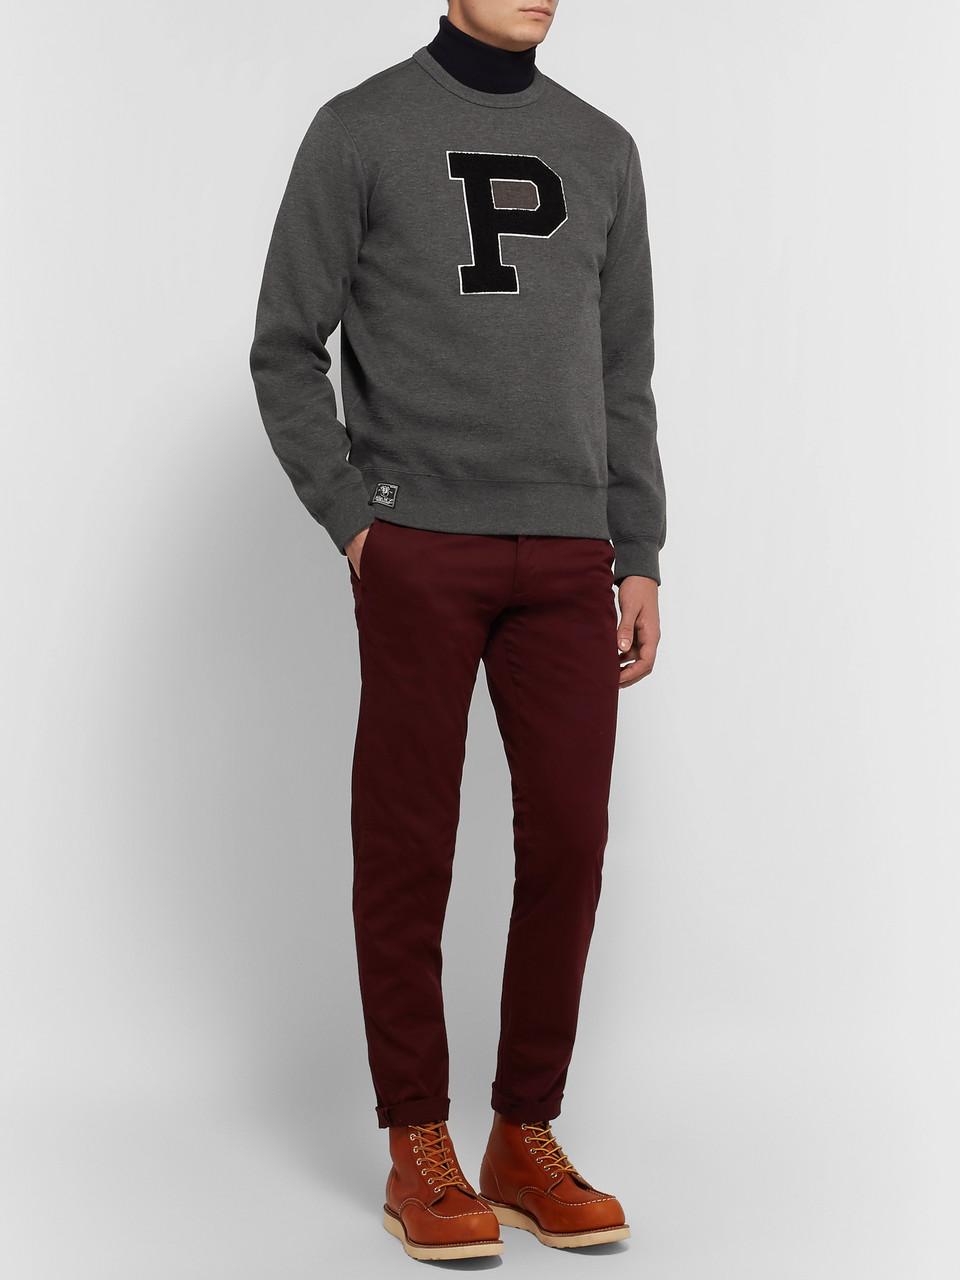 cc4c8b5e7 Polo Ralph Lauren Appliquéd Mélange Jersey Sweatshirt